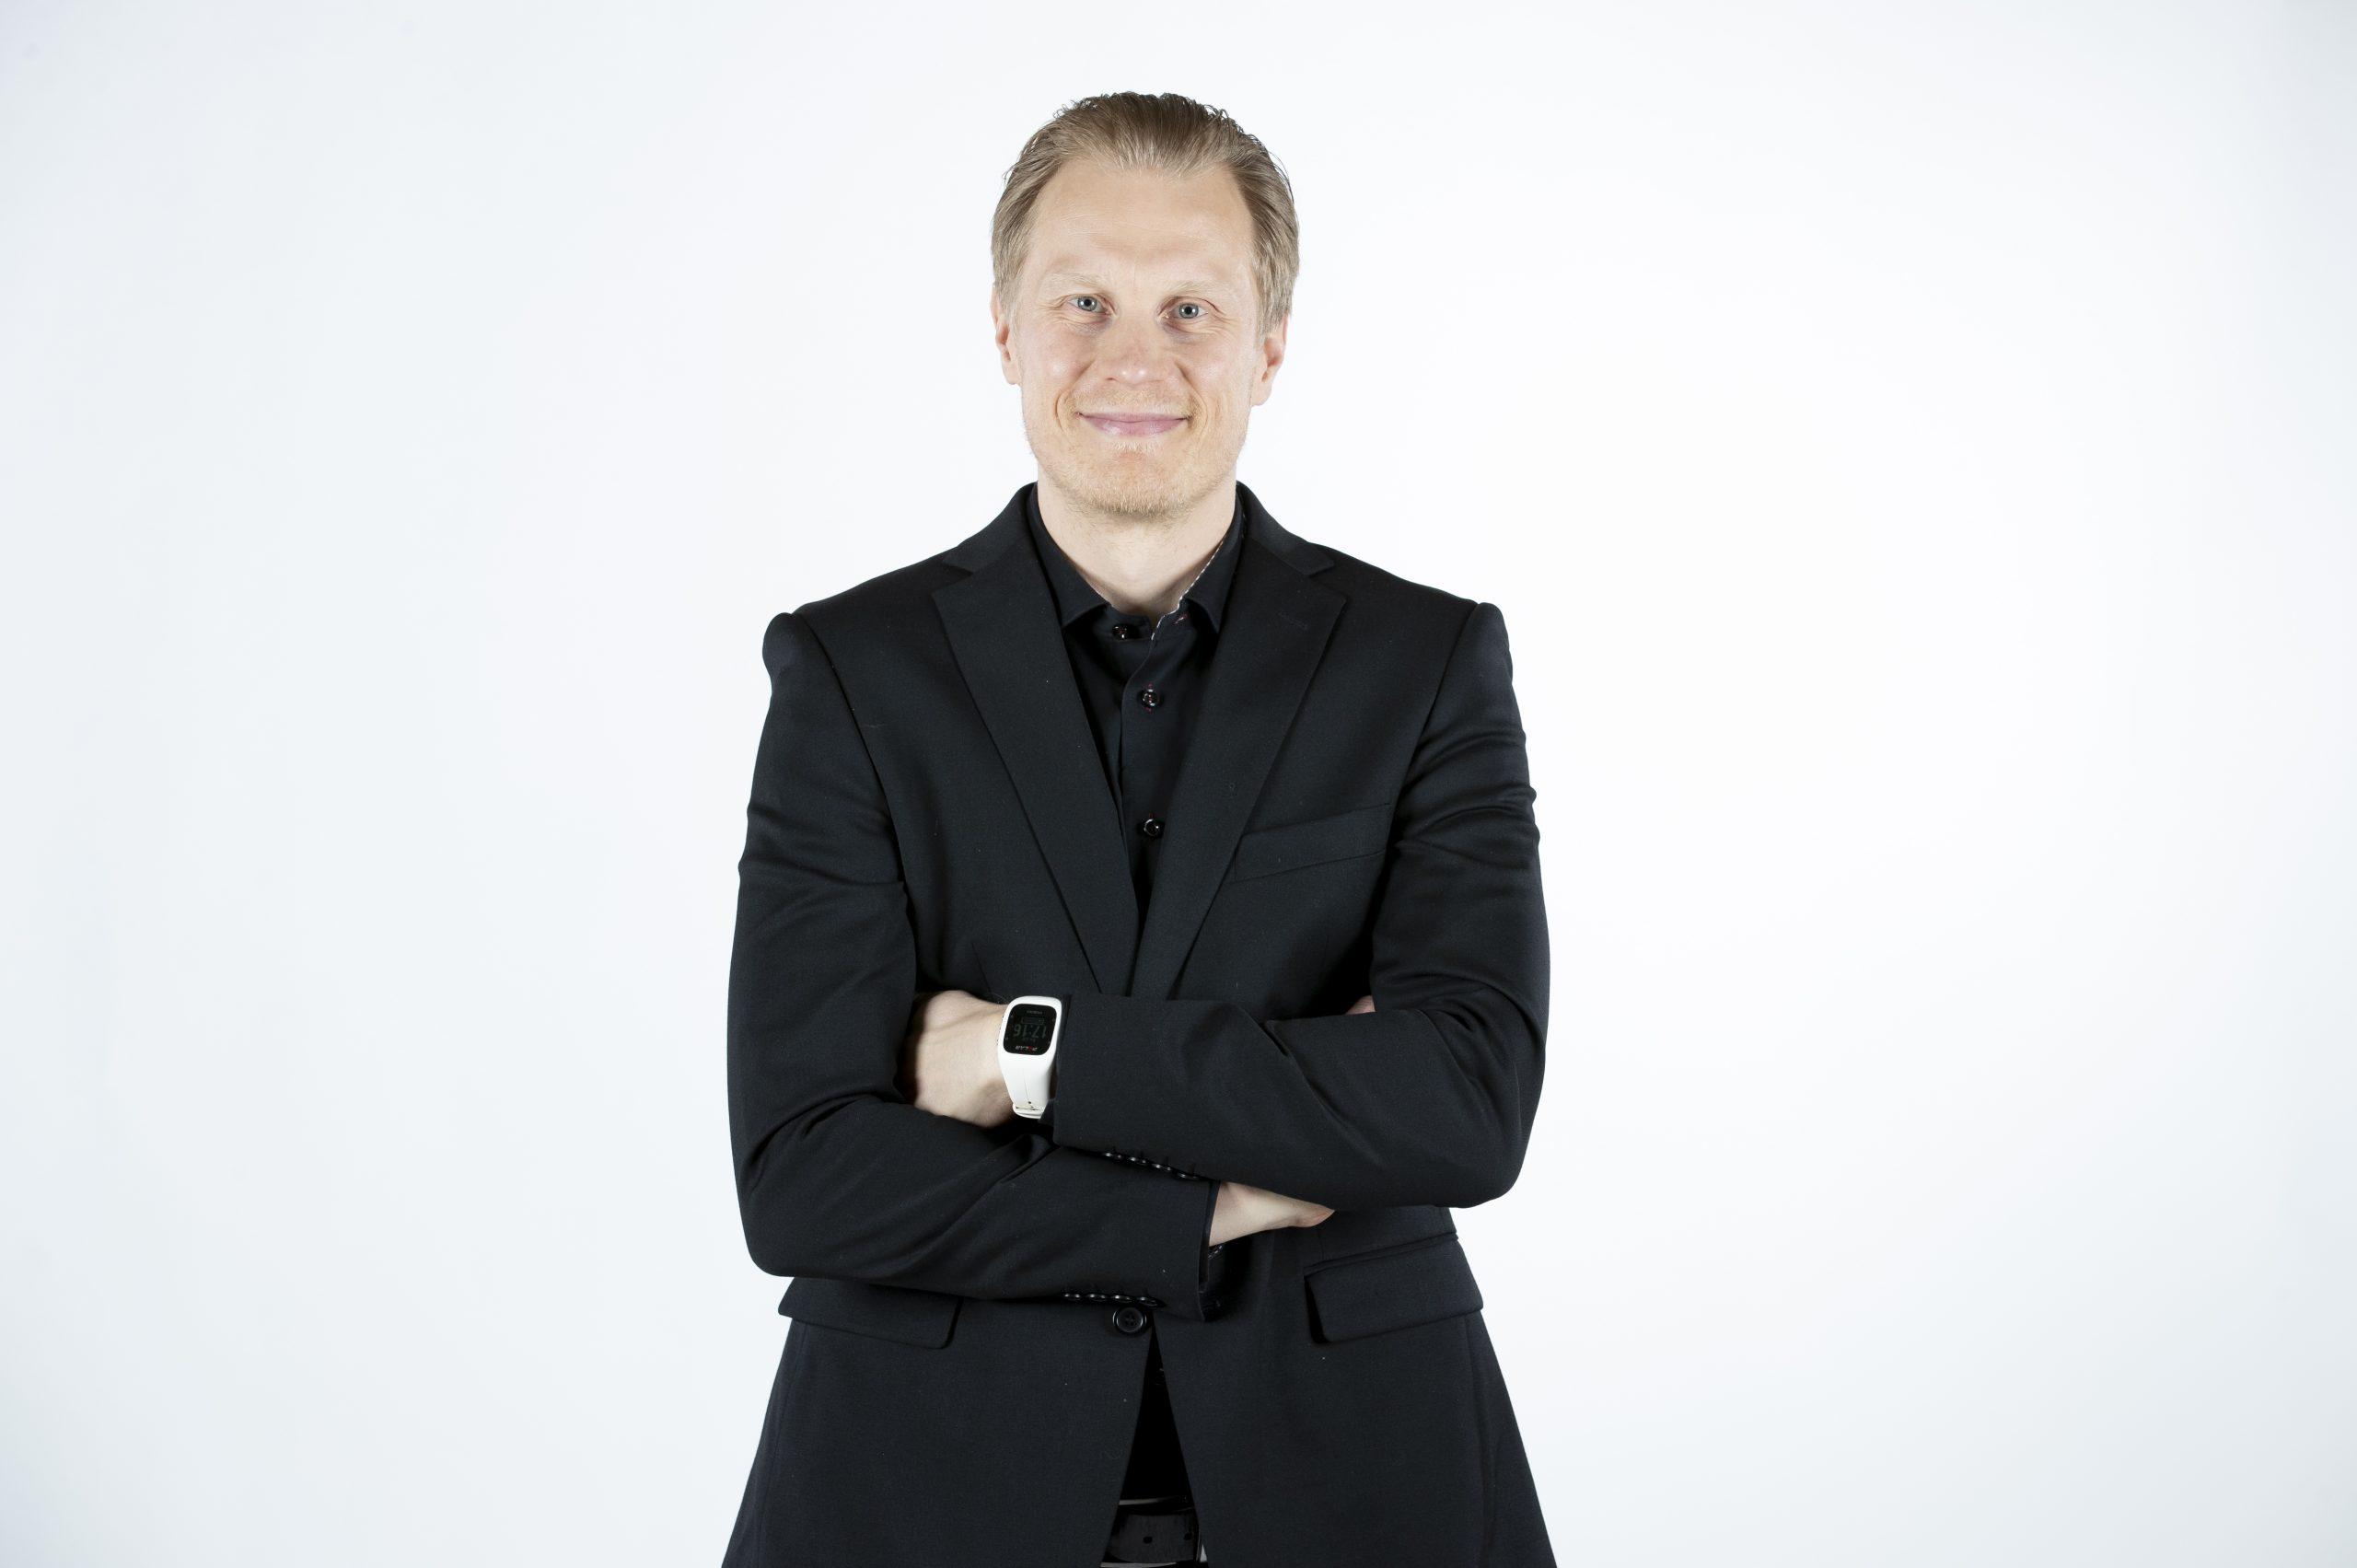 Catz Lappeenranta 2019-20 - Promo/Profiilikuvat - Naisten Korisliiga - ©Ville Vuorinen/Naisten Korisliiga